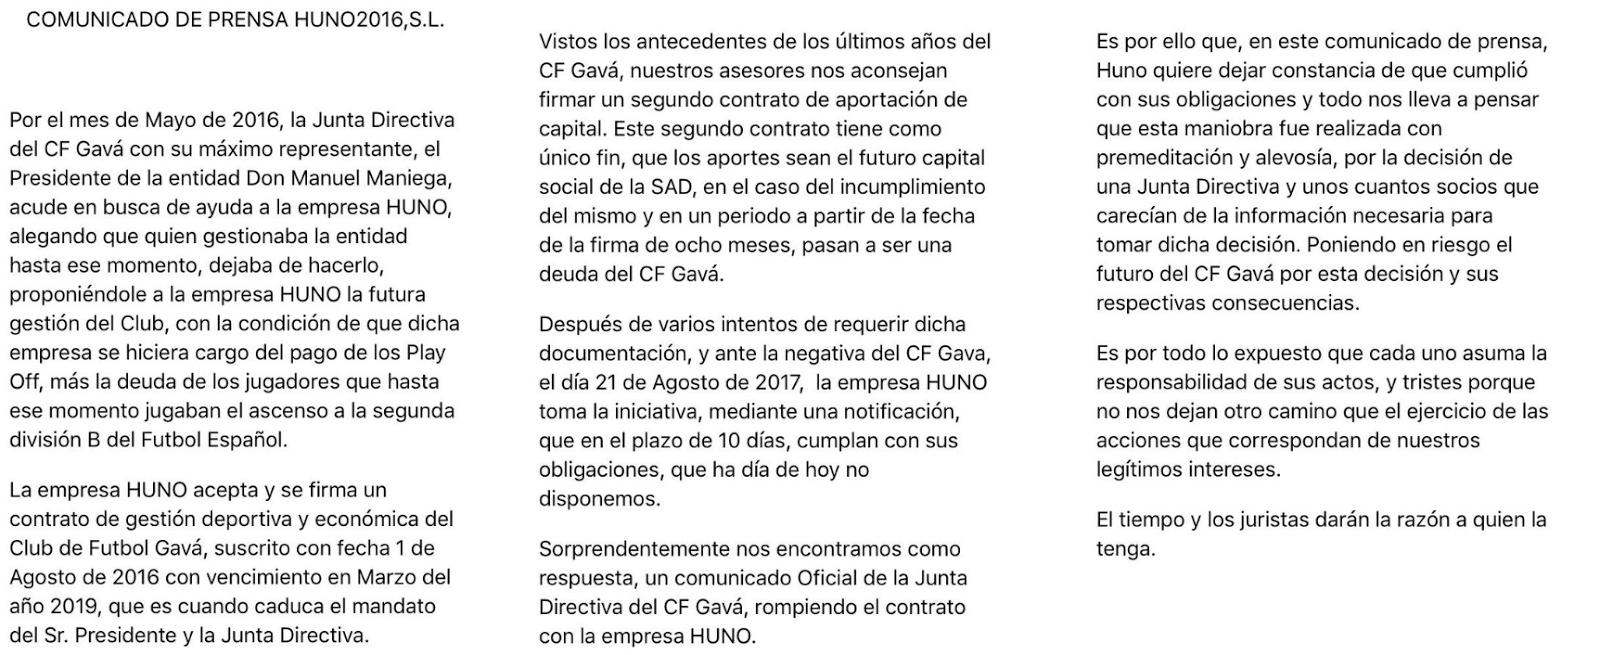 Club Futbol Gavà: Comunicado de Huno 2016, S.L.